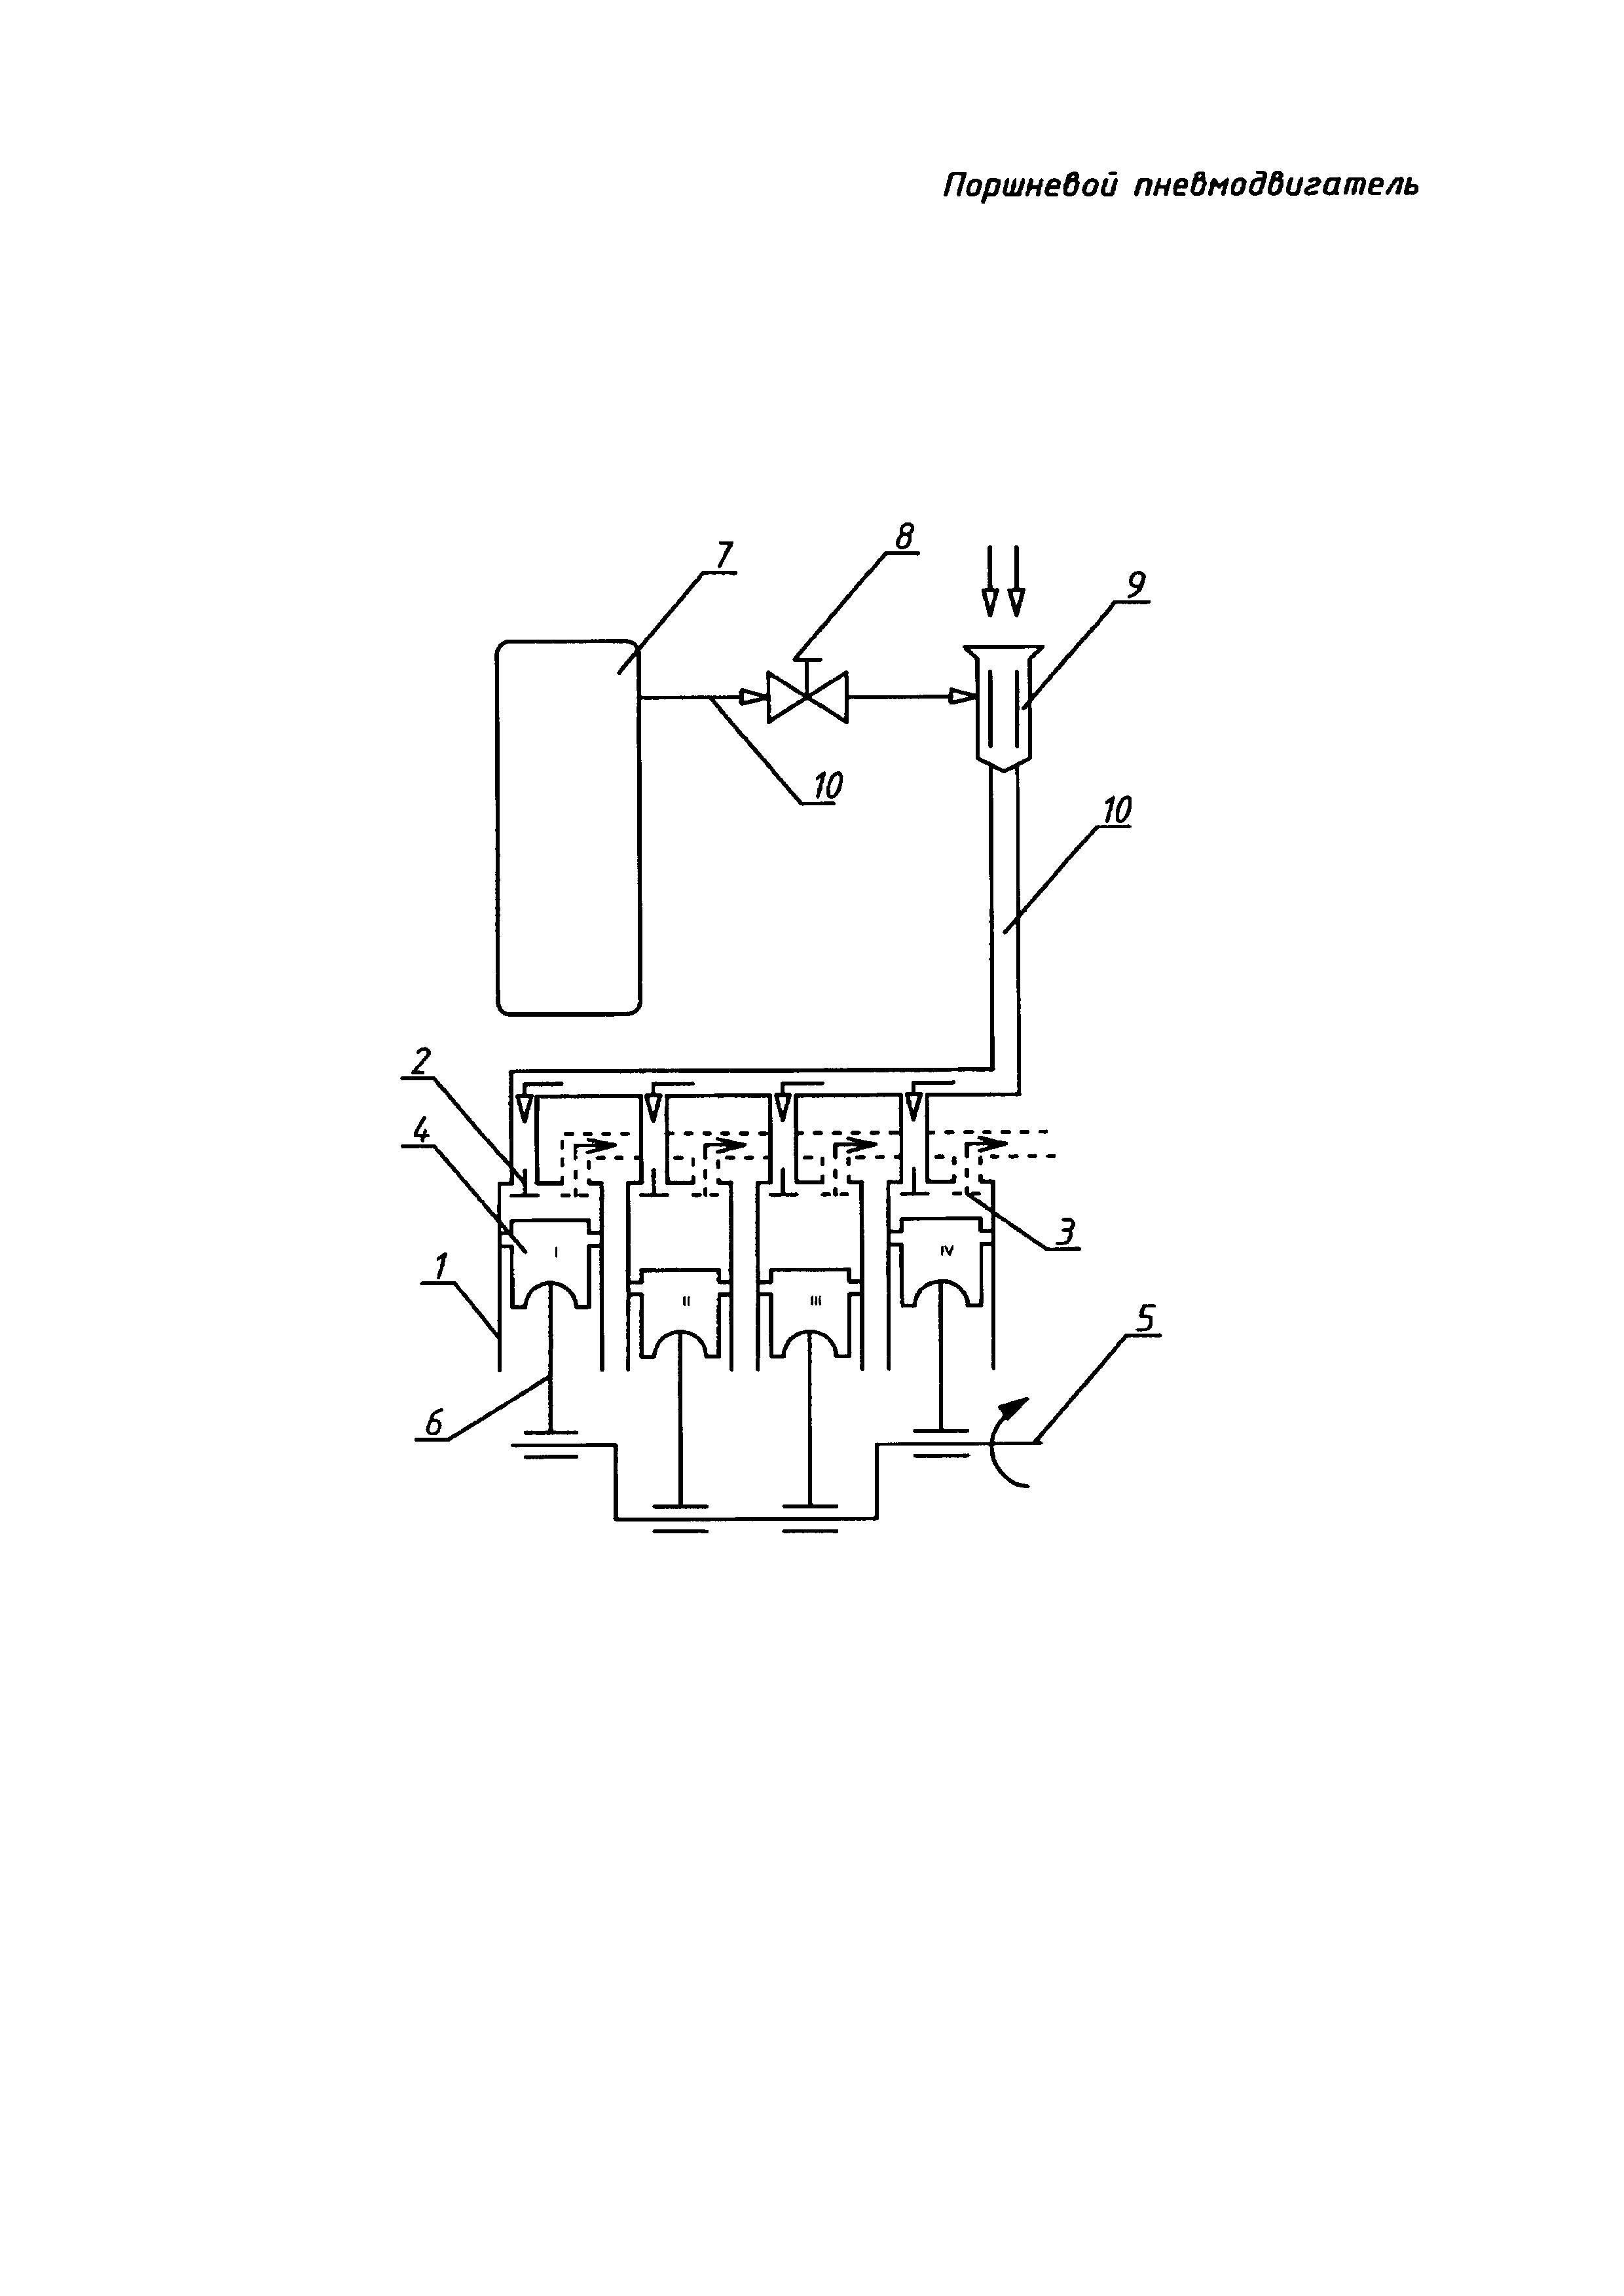 Поршневой пневмодвигатель